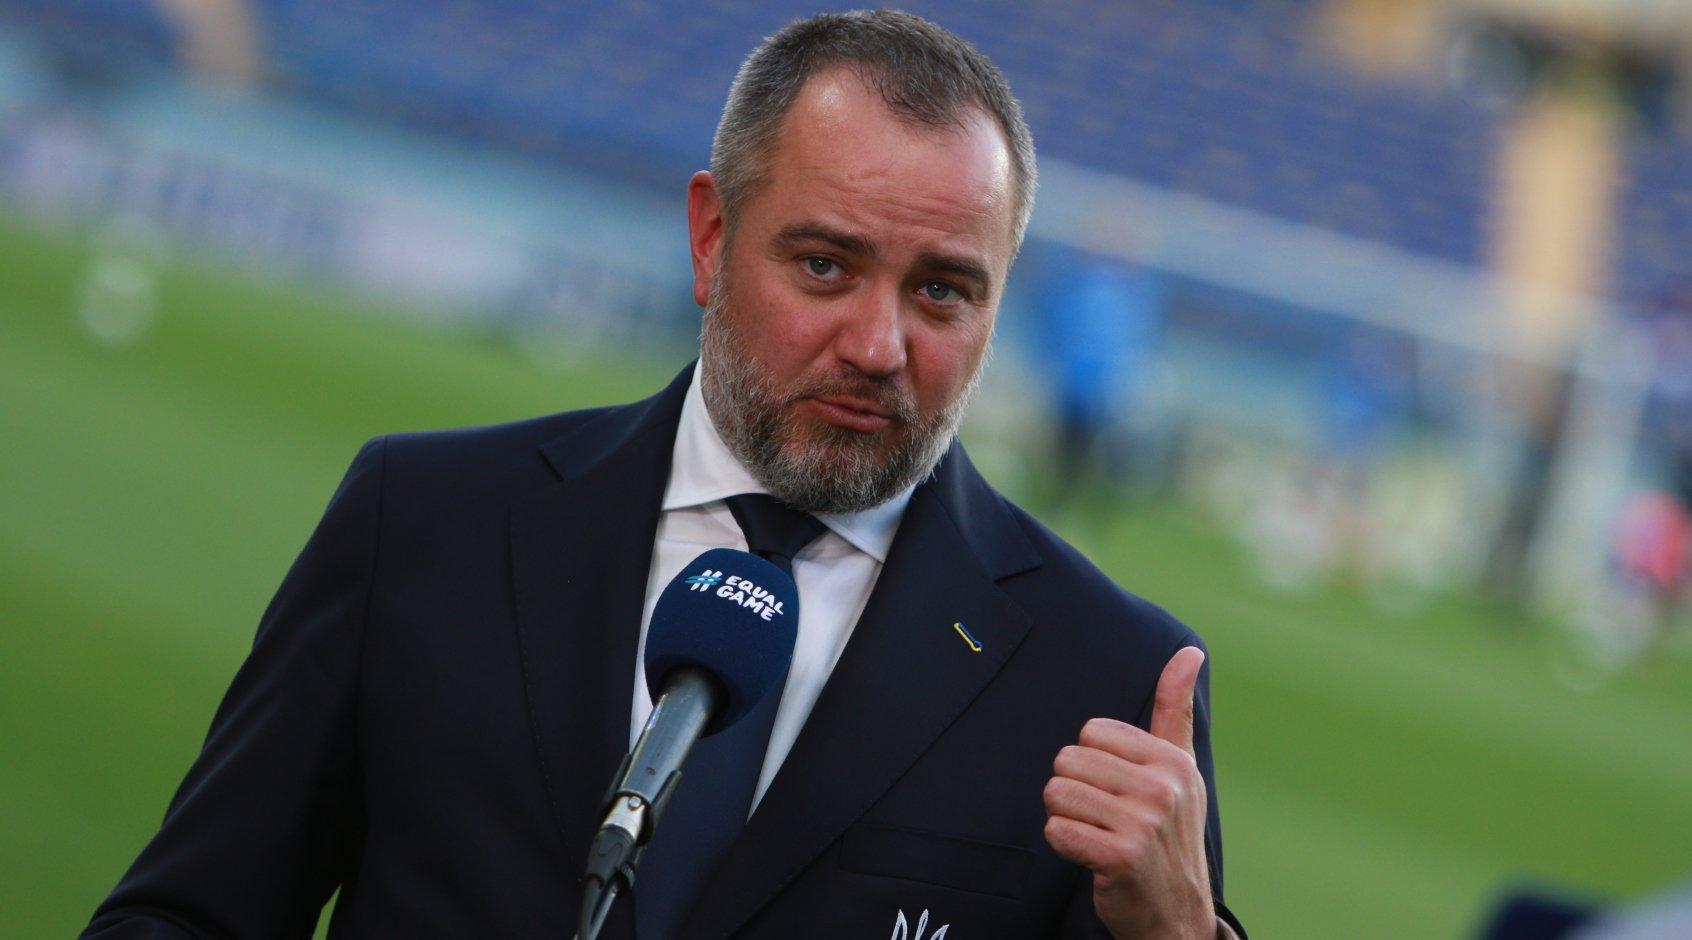 ПФЛ проголосовала за выдвижение Павелко кандидатом на выборы президента УАФ